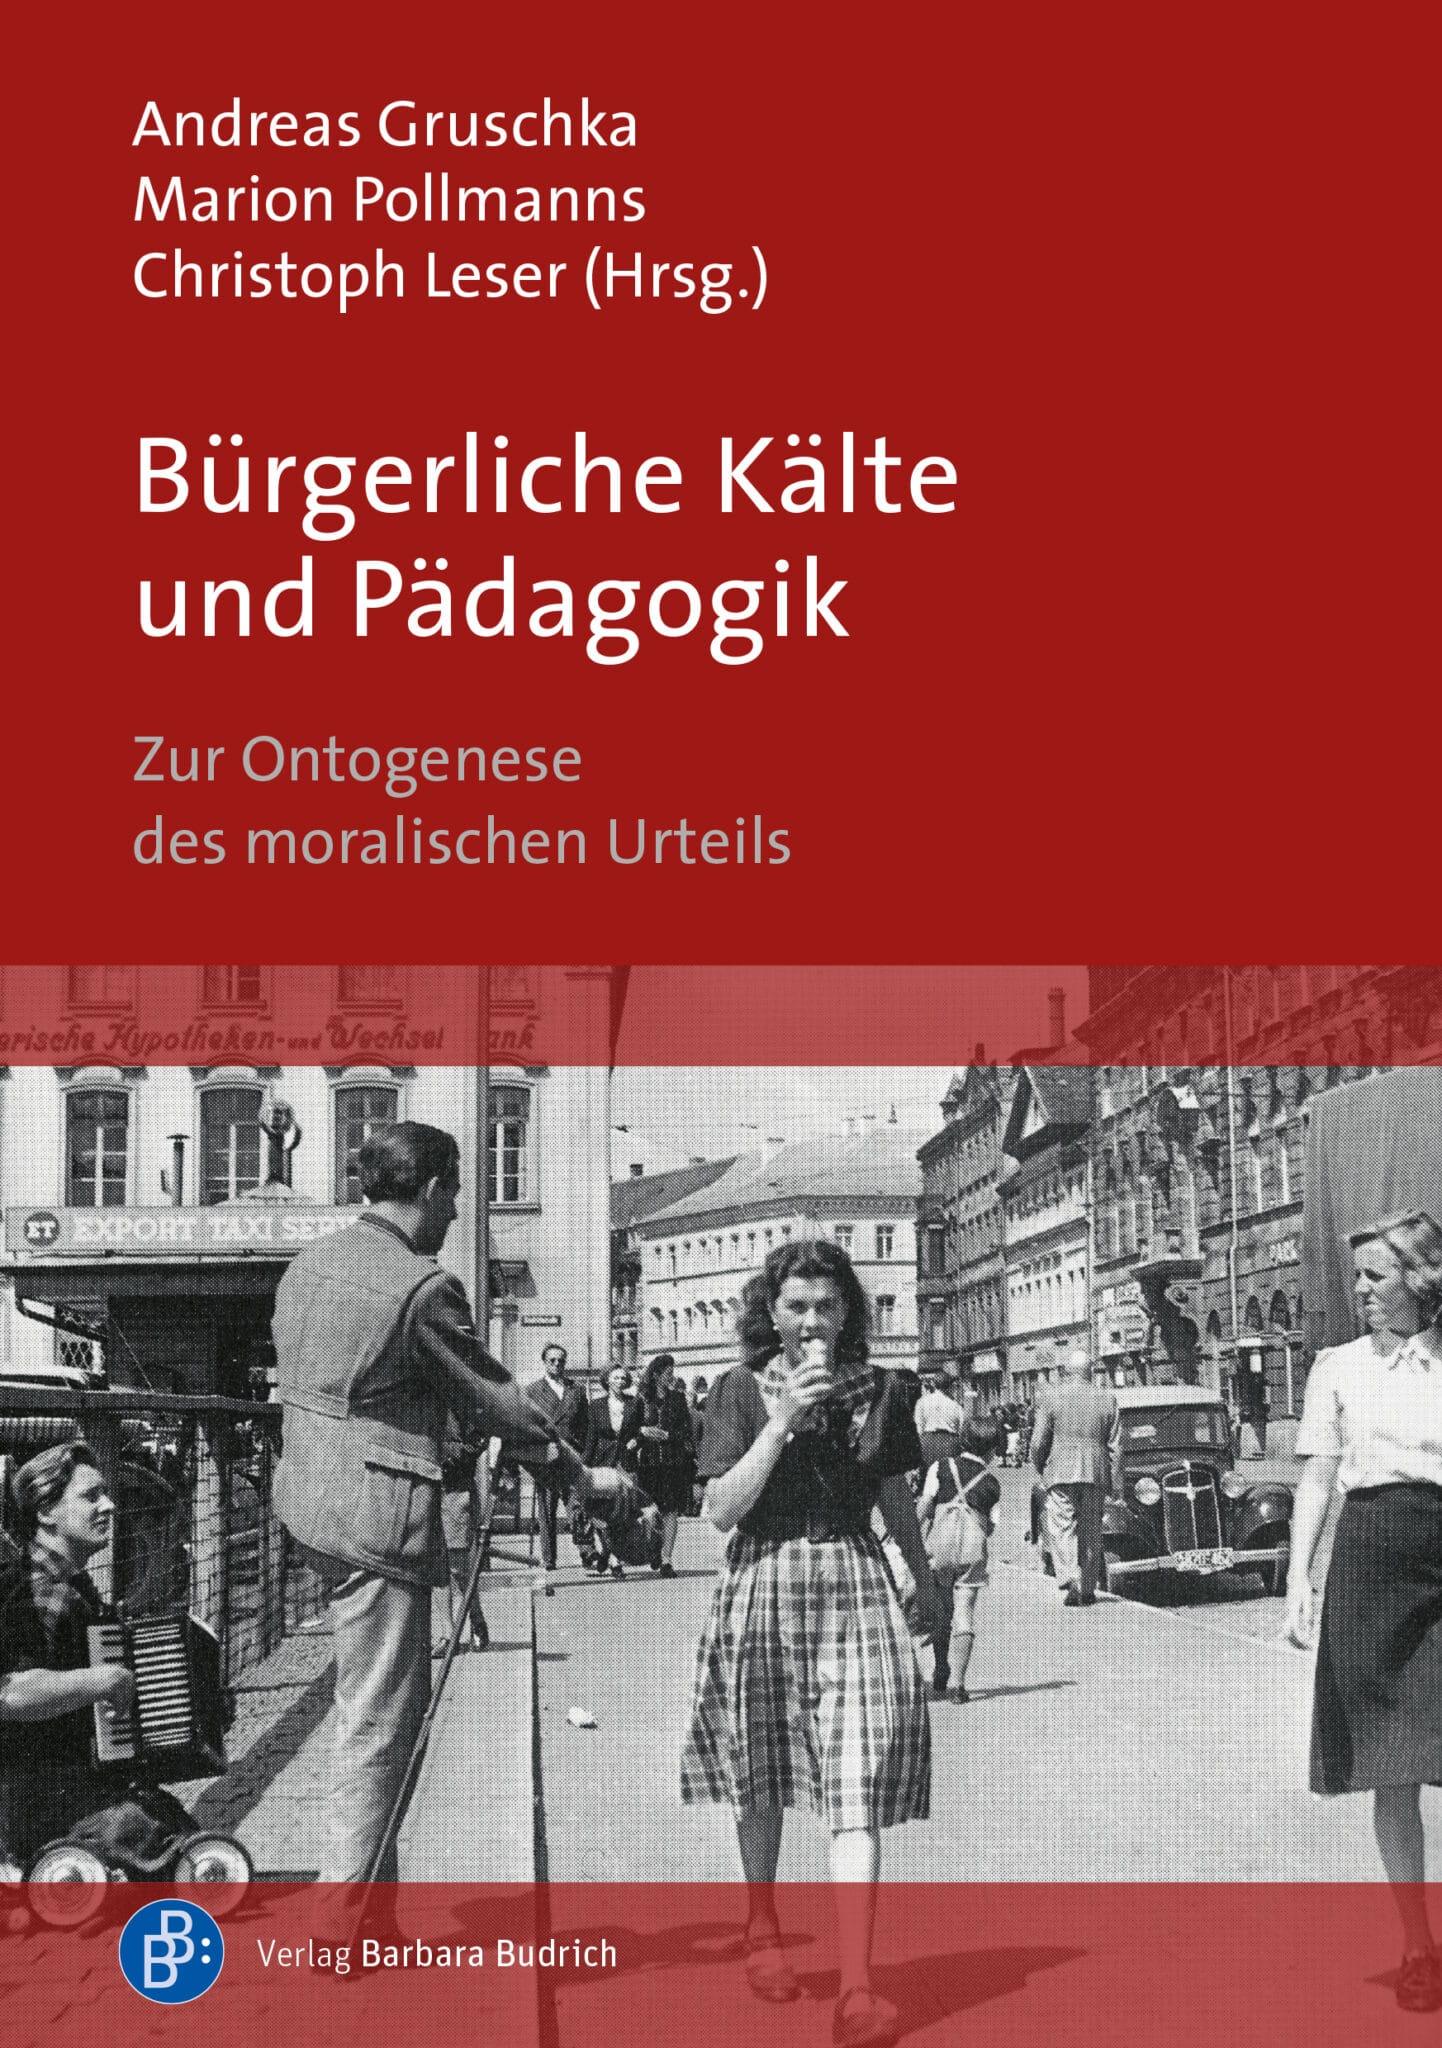 Gruschka/Pollmanns/Leser(Hrsg): Bürgerliche Kälte und Pädagogik. Zur Ontogenese des moralischen Urteils. ISBN: 978-3-8474-2398-0. Verlag Barbara Budrich.